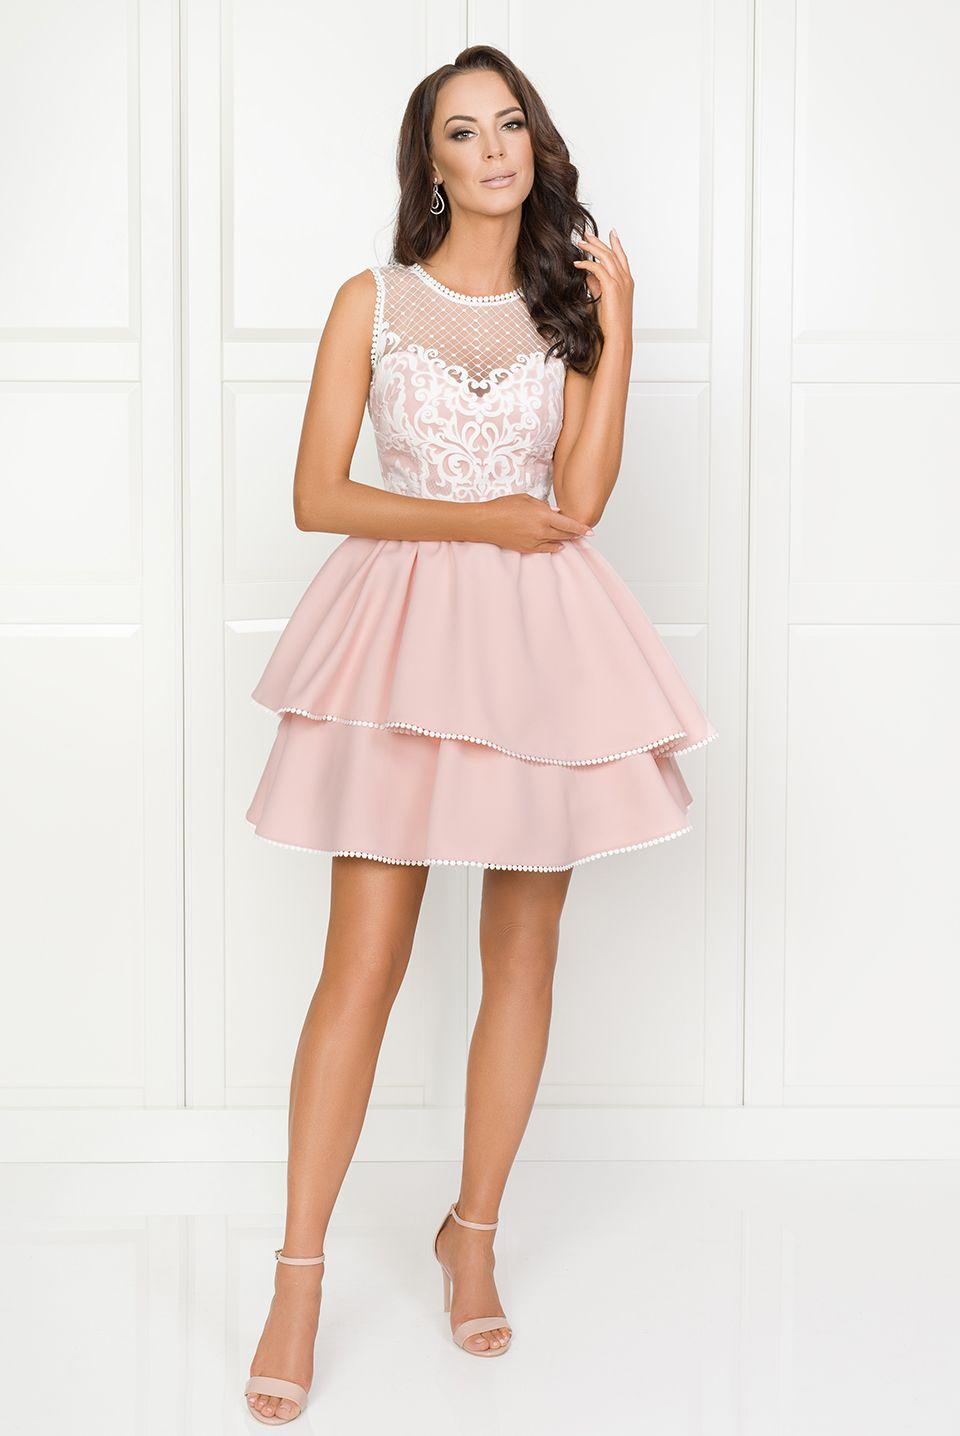 59a77201e8 Illuminate.pl Lucy - Rozkloszowana sukienka z różowym dołem